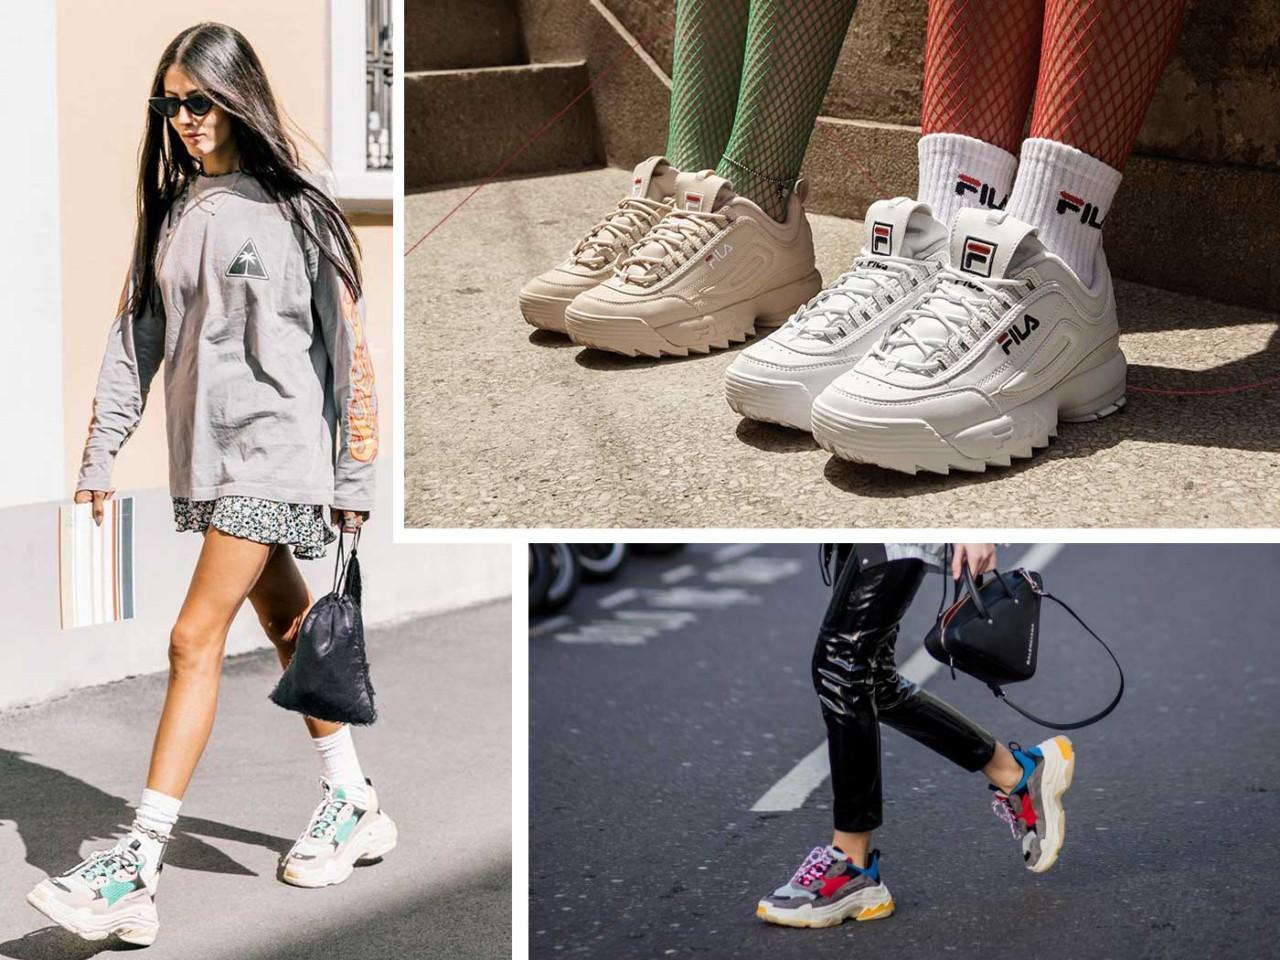 Sneaker hiện nay trở nên phổ biến ra sao